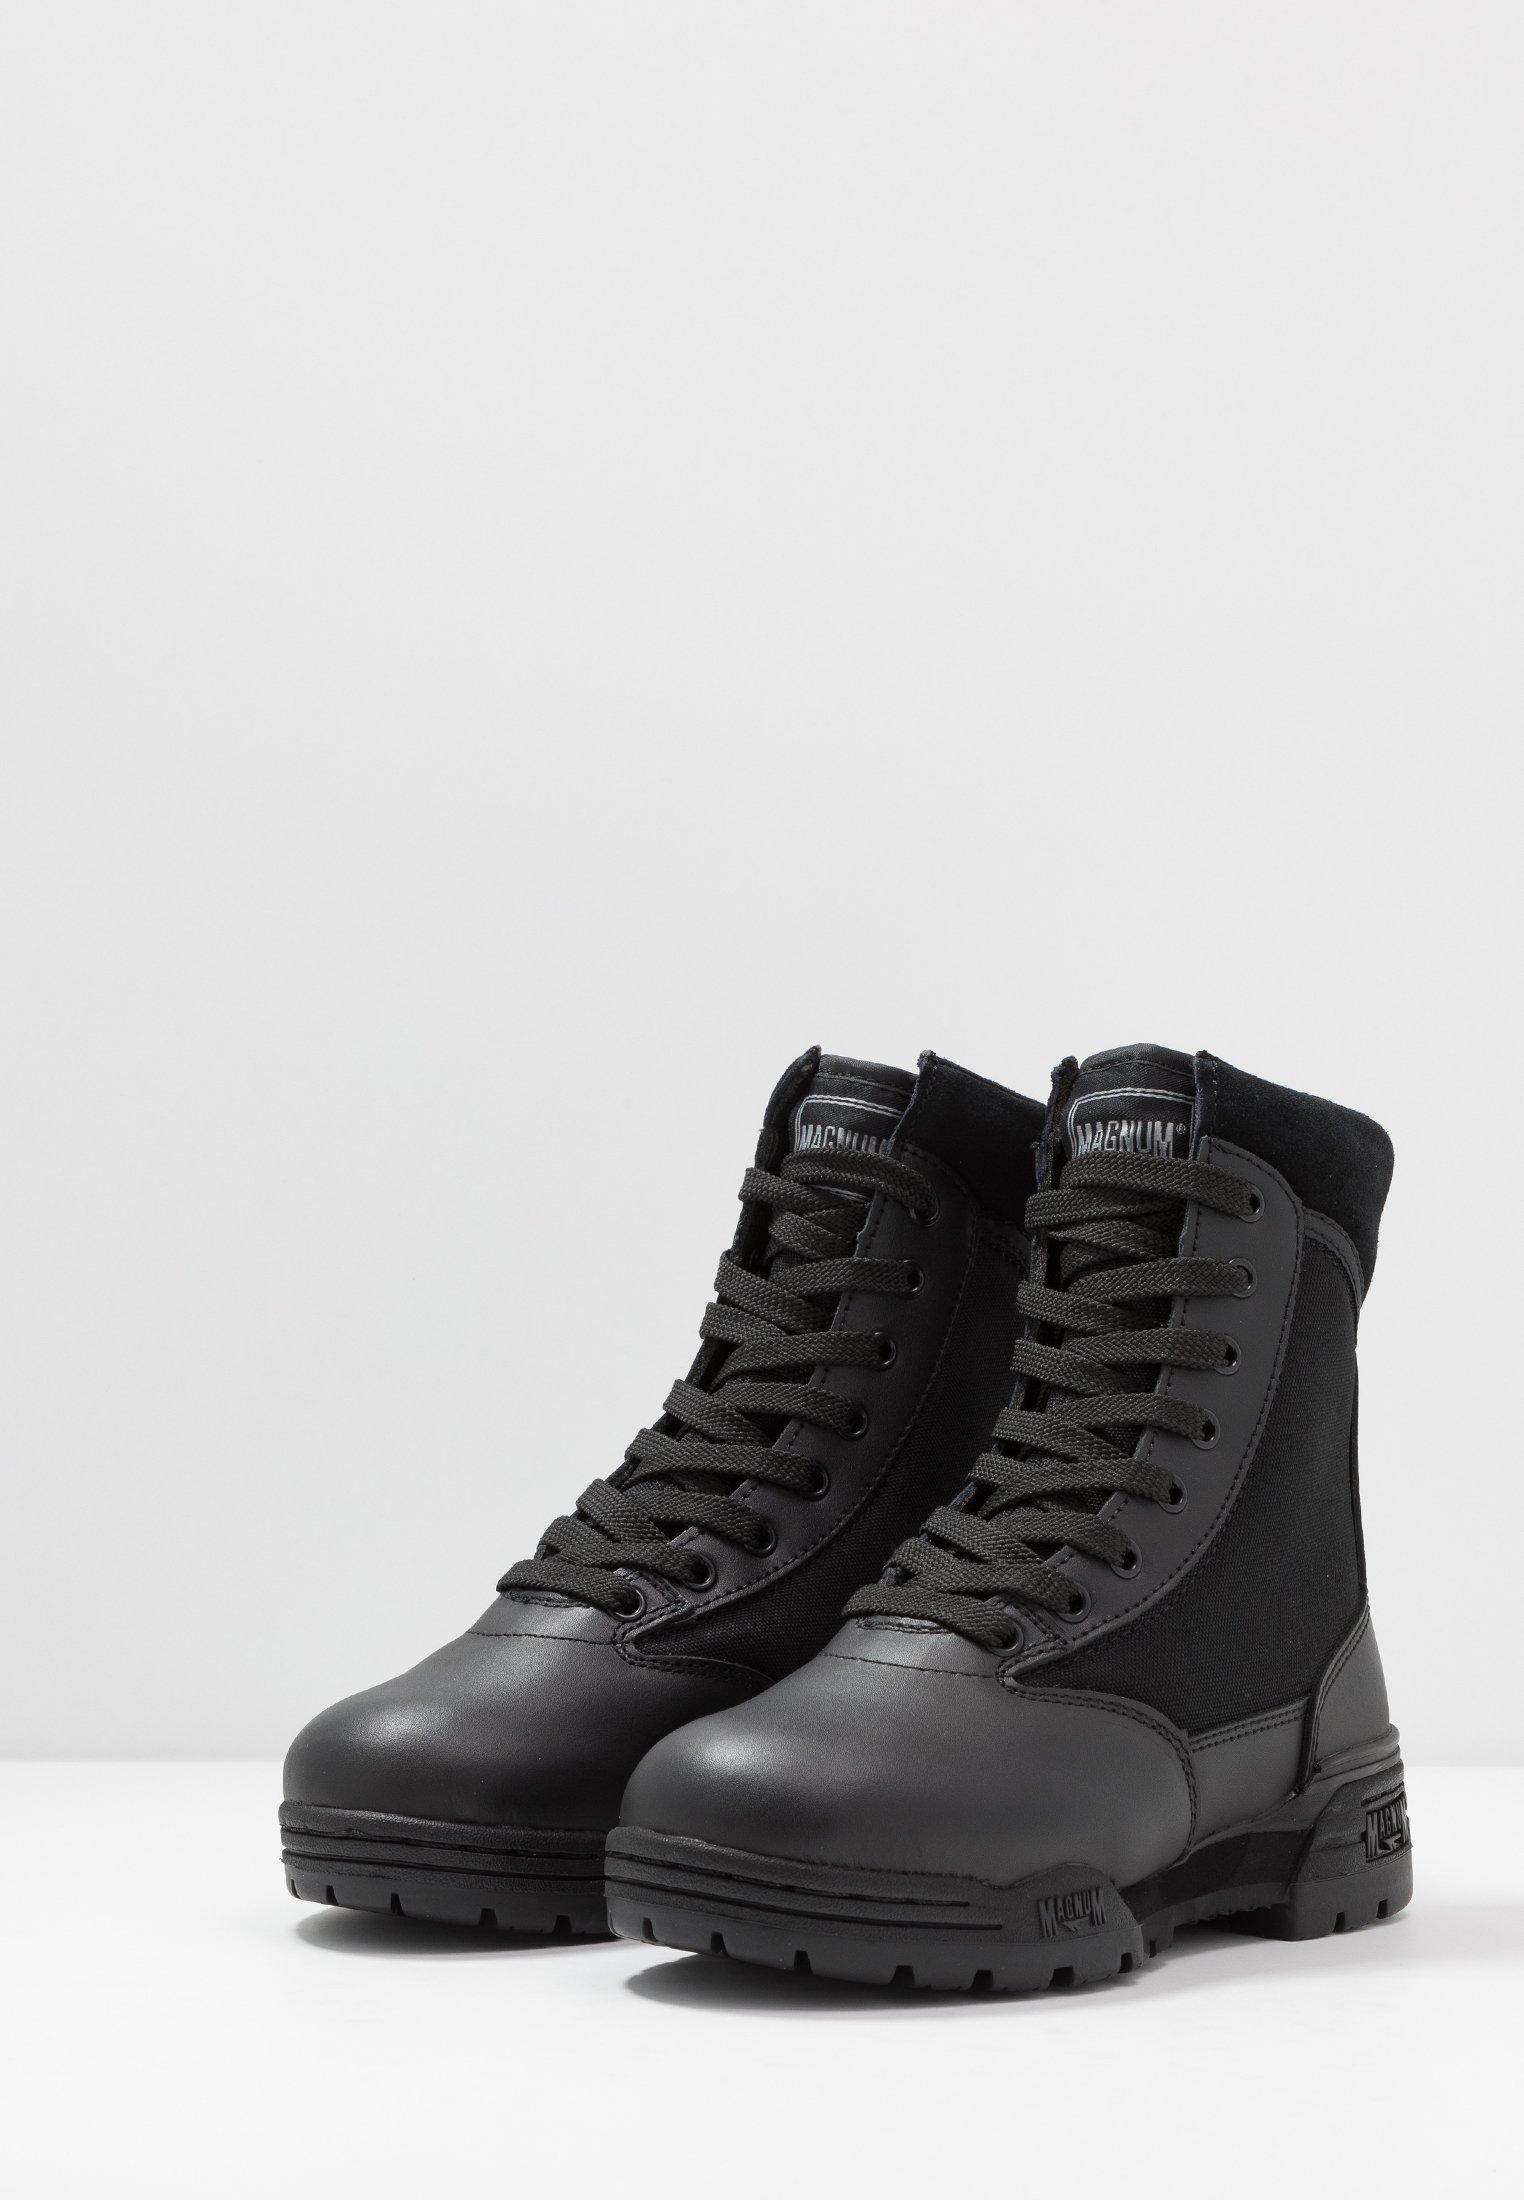 Compra tu favorito HiTec MID  Zapatillas de senderismo  black kdZEs